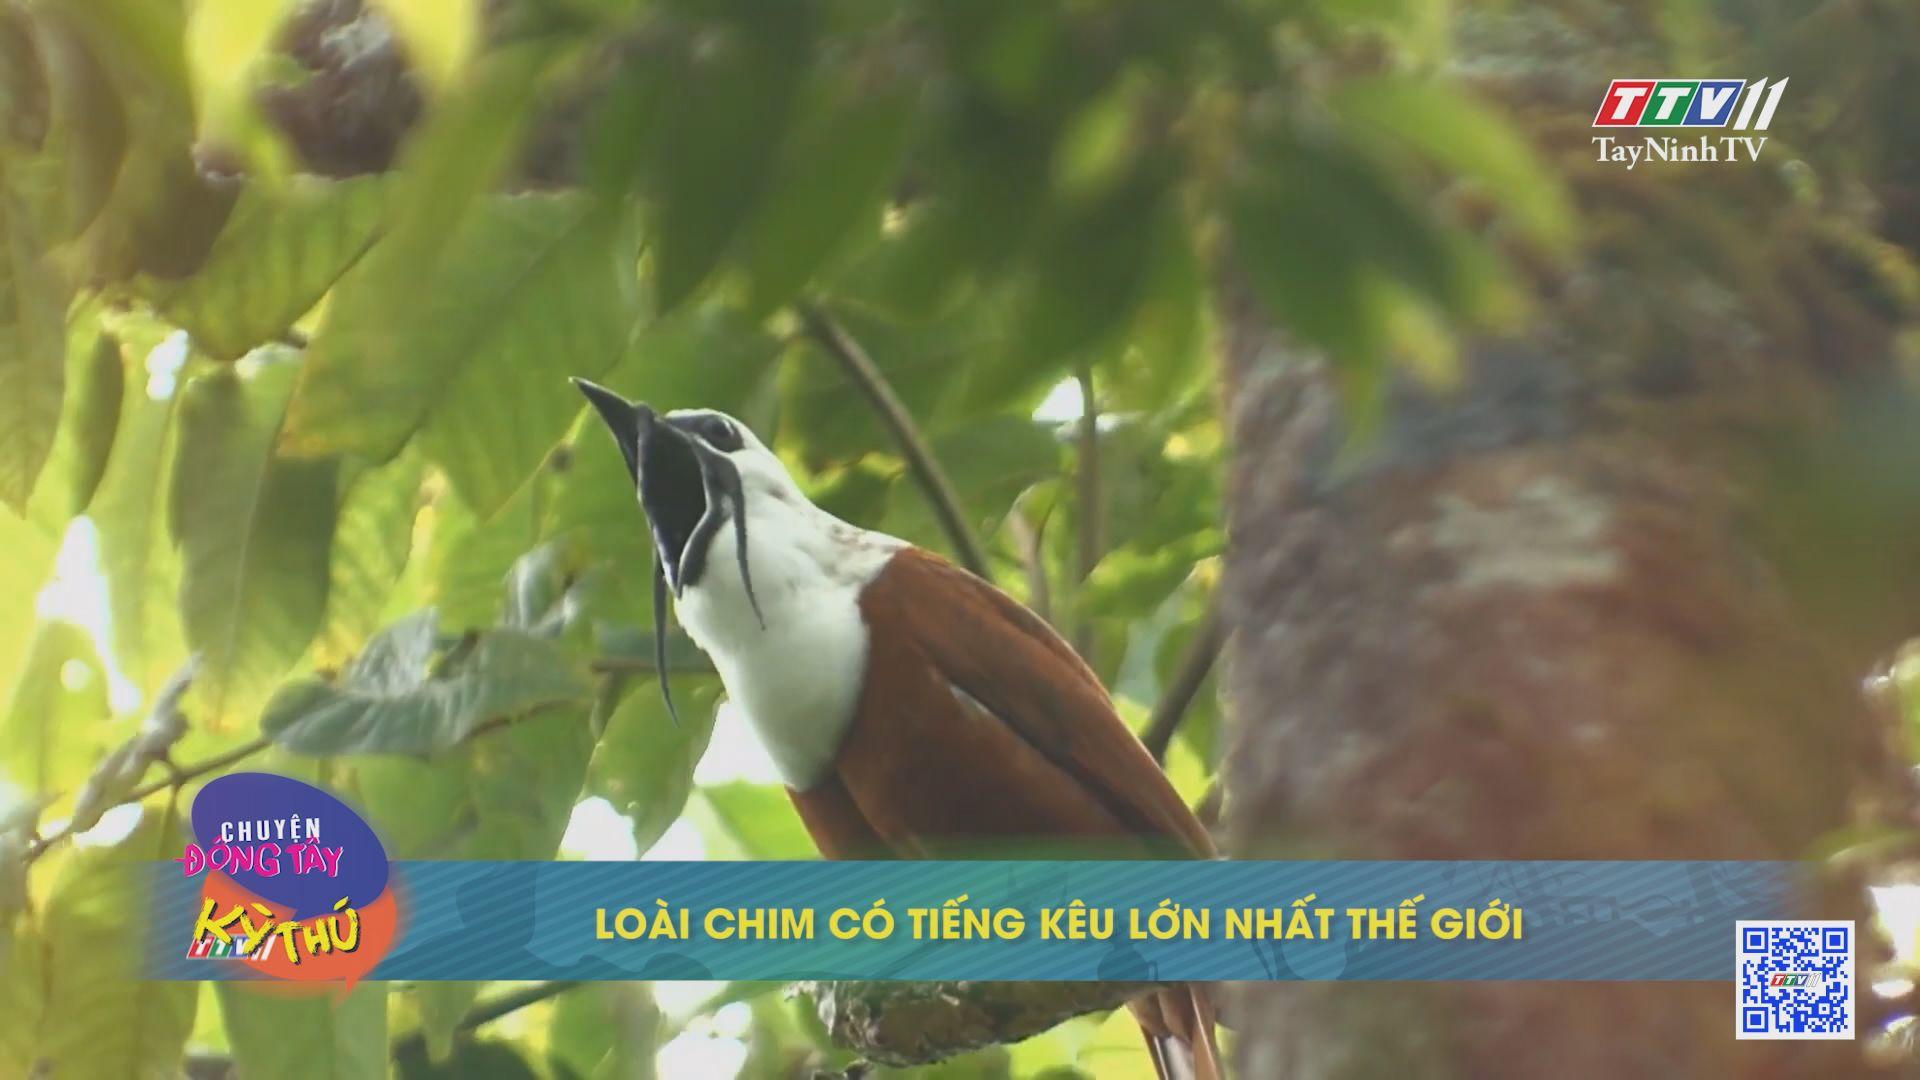 Loài chim có tiếng kêu lớn nhất thế giới | CHUYỆN ĐỘNG TÂY KỲ THÚ | TayNinhTVE